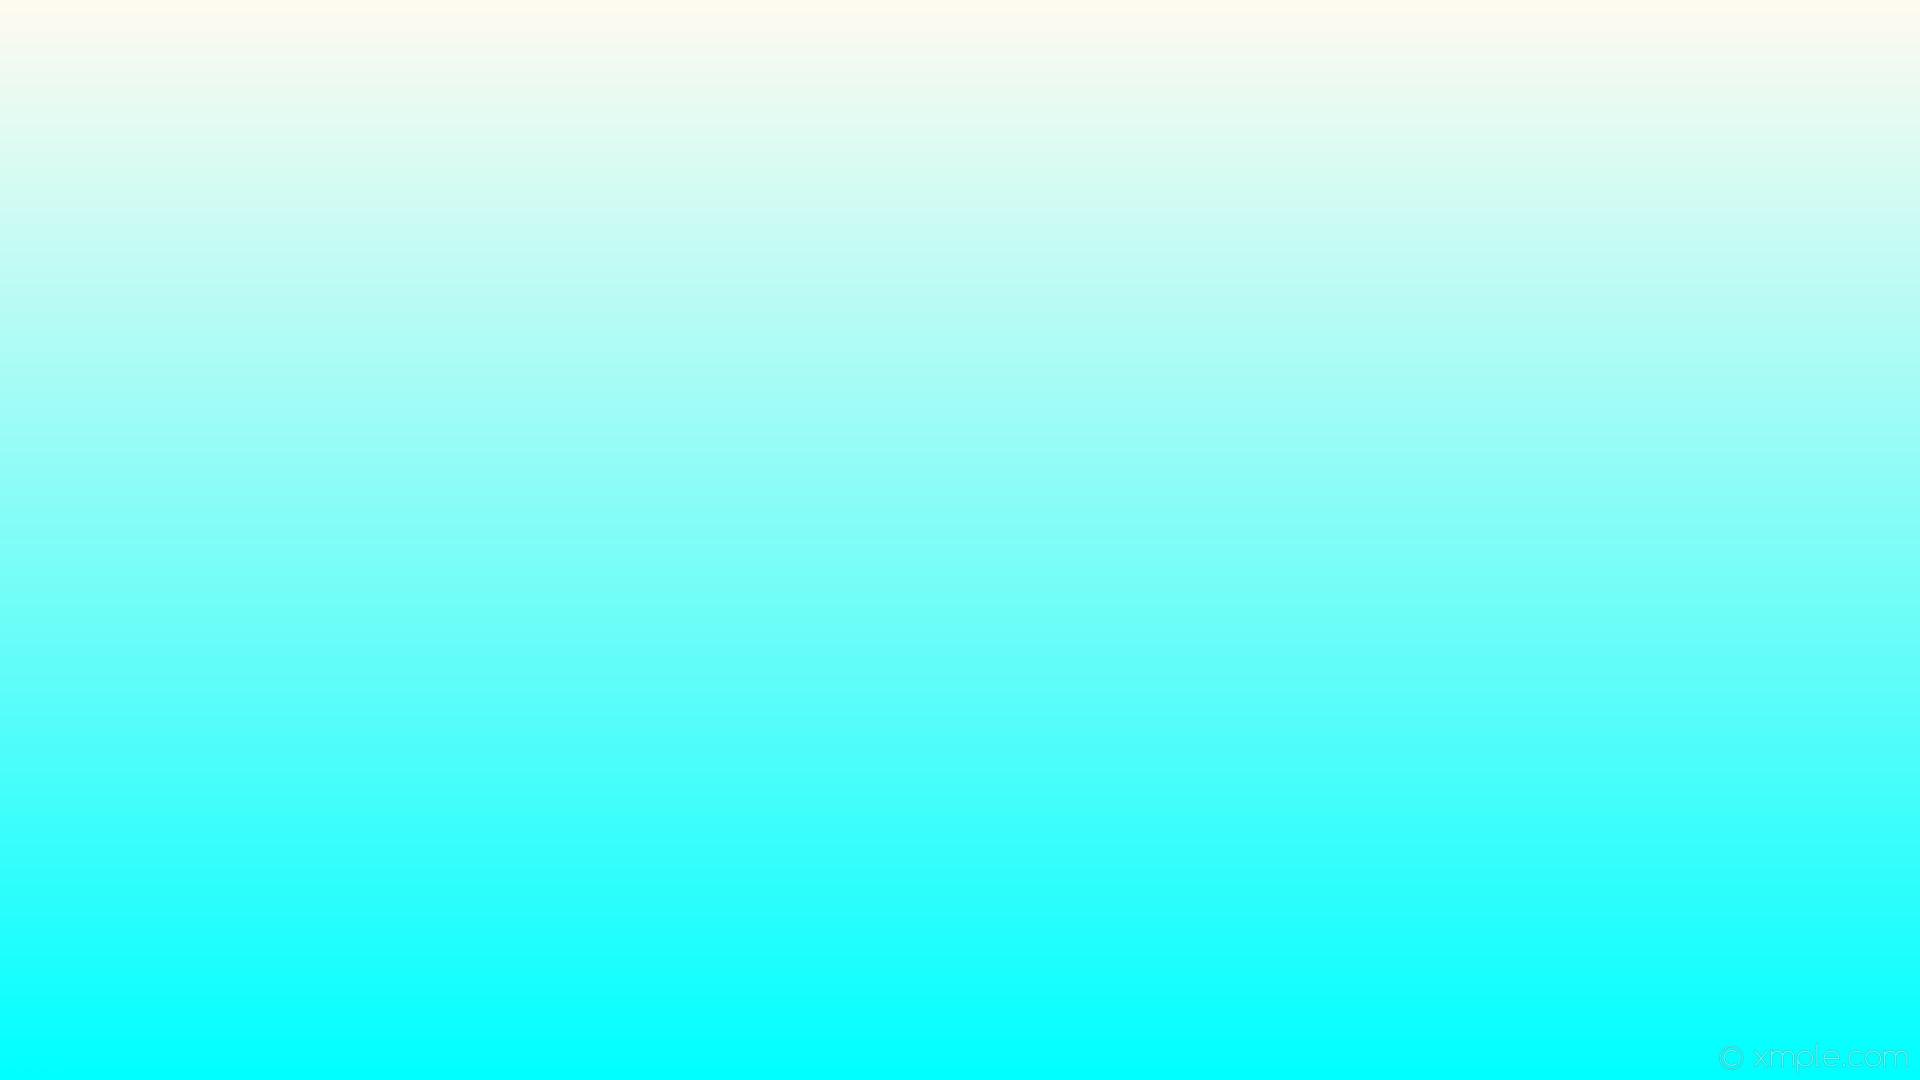 wallpaper blue gradient white linear floral white aqua cyan #fffaf0 #00ffff  90°